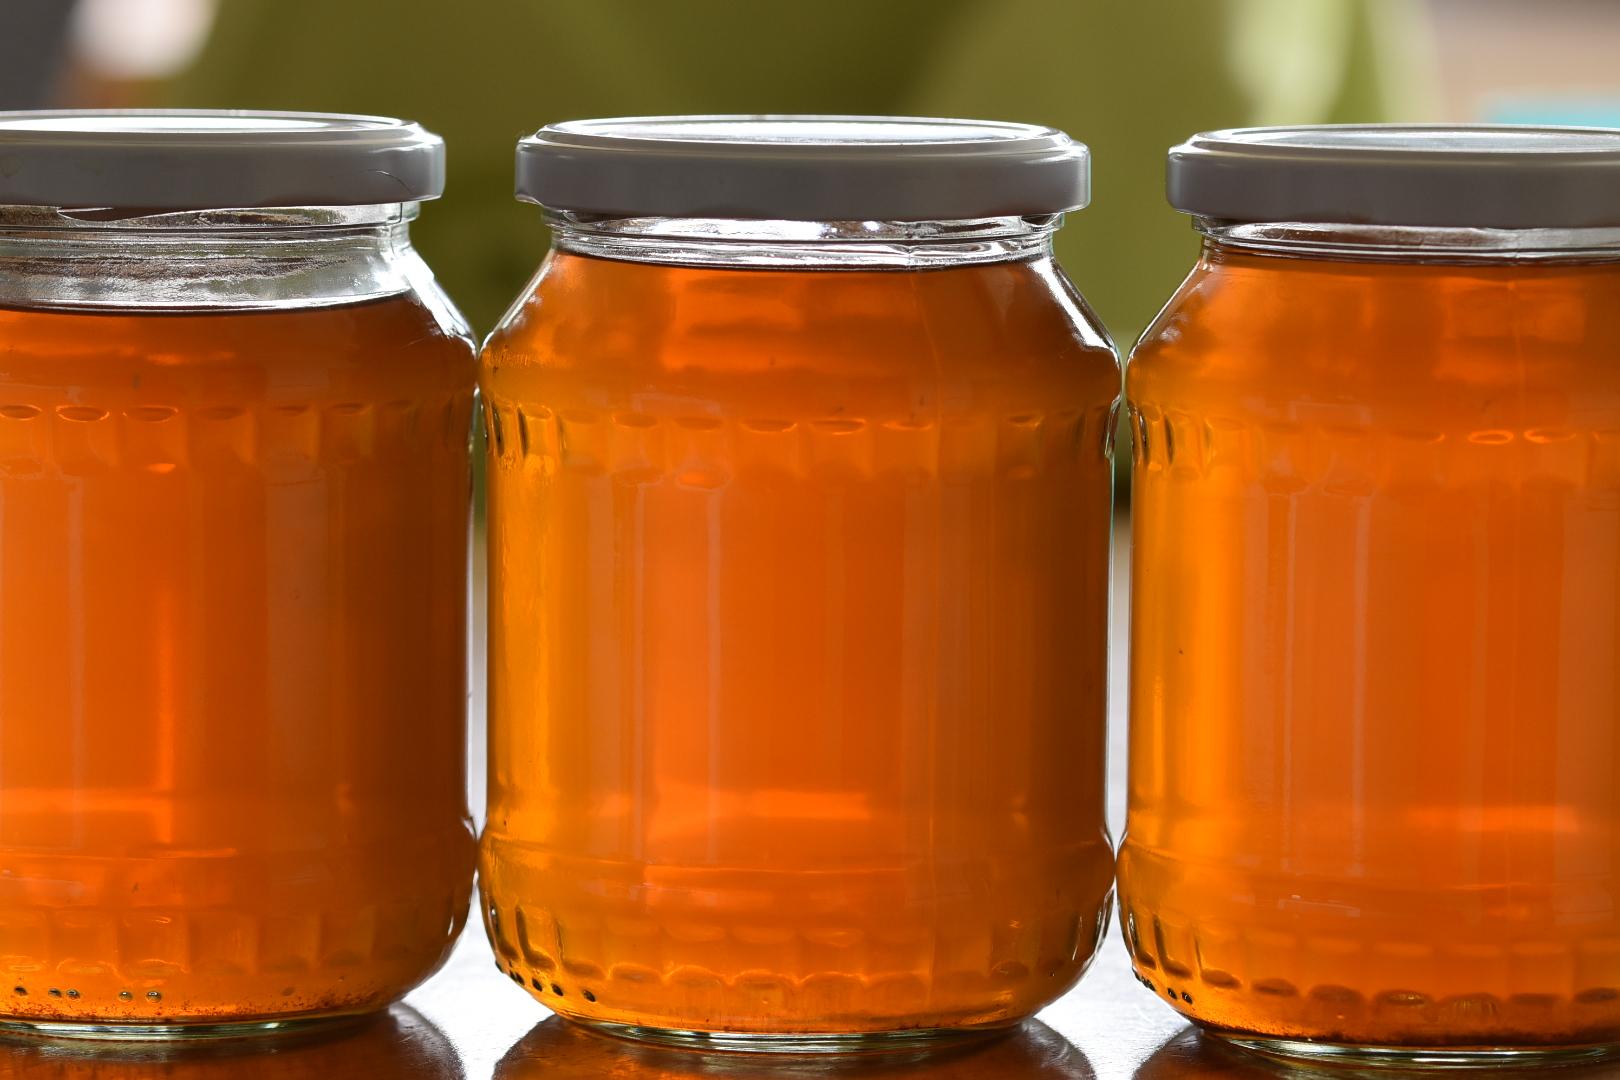 Gemüsefond fertig gekocht, warm abgefüllt in Gläser und im Kühlen haltbar einige Wochen.